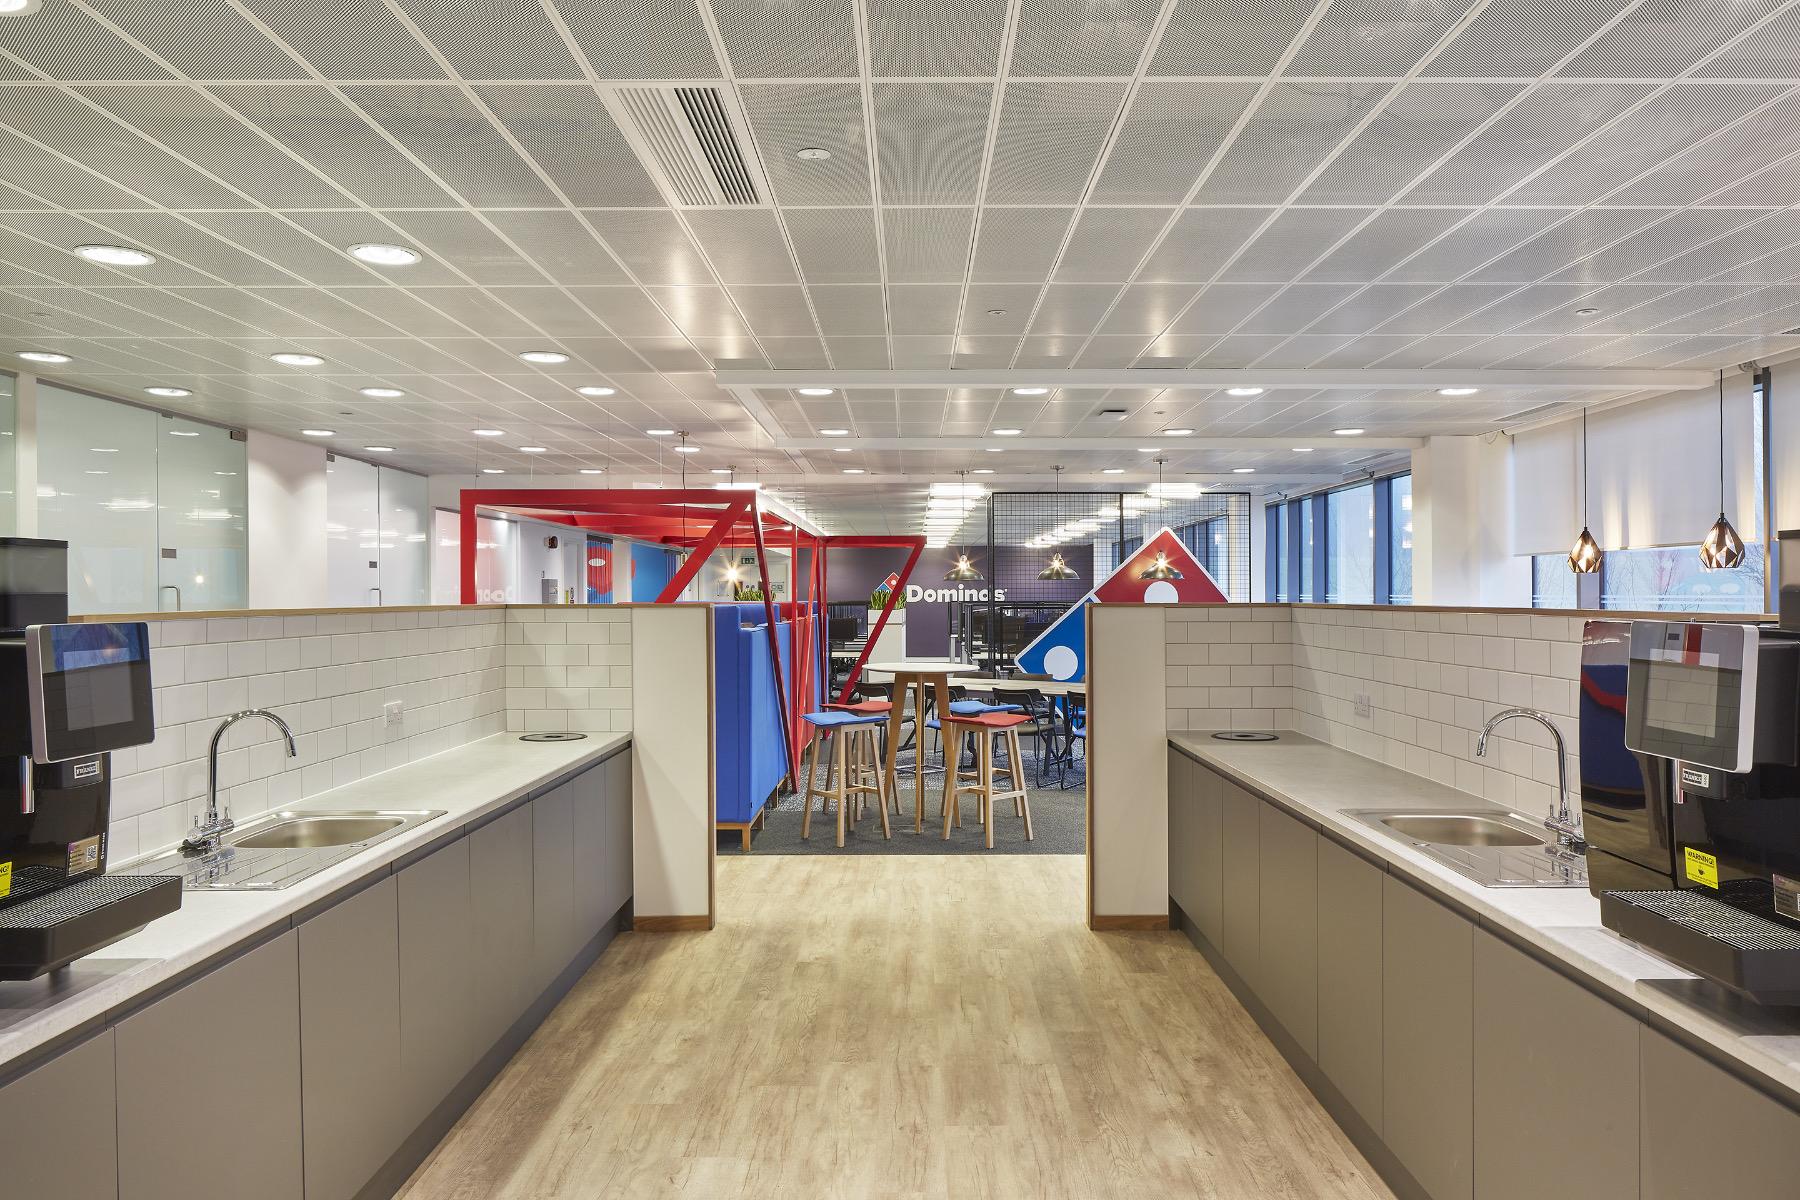 A Peek Inside Domino's Pizza's Milton Keynes Office